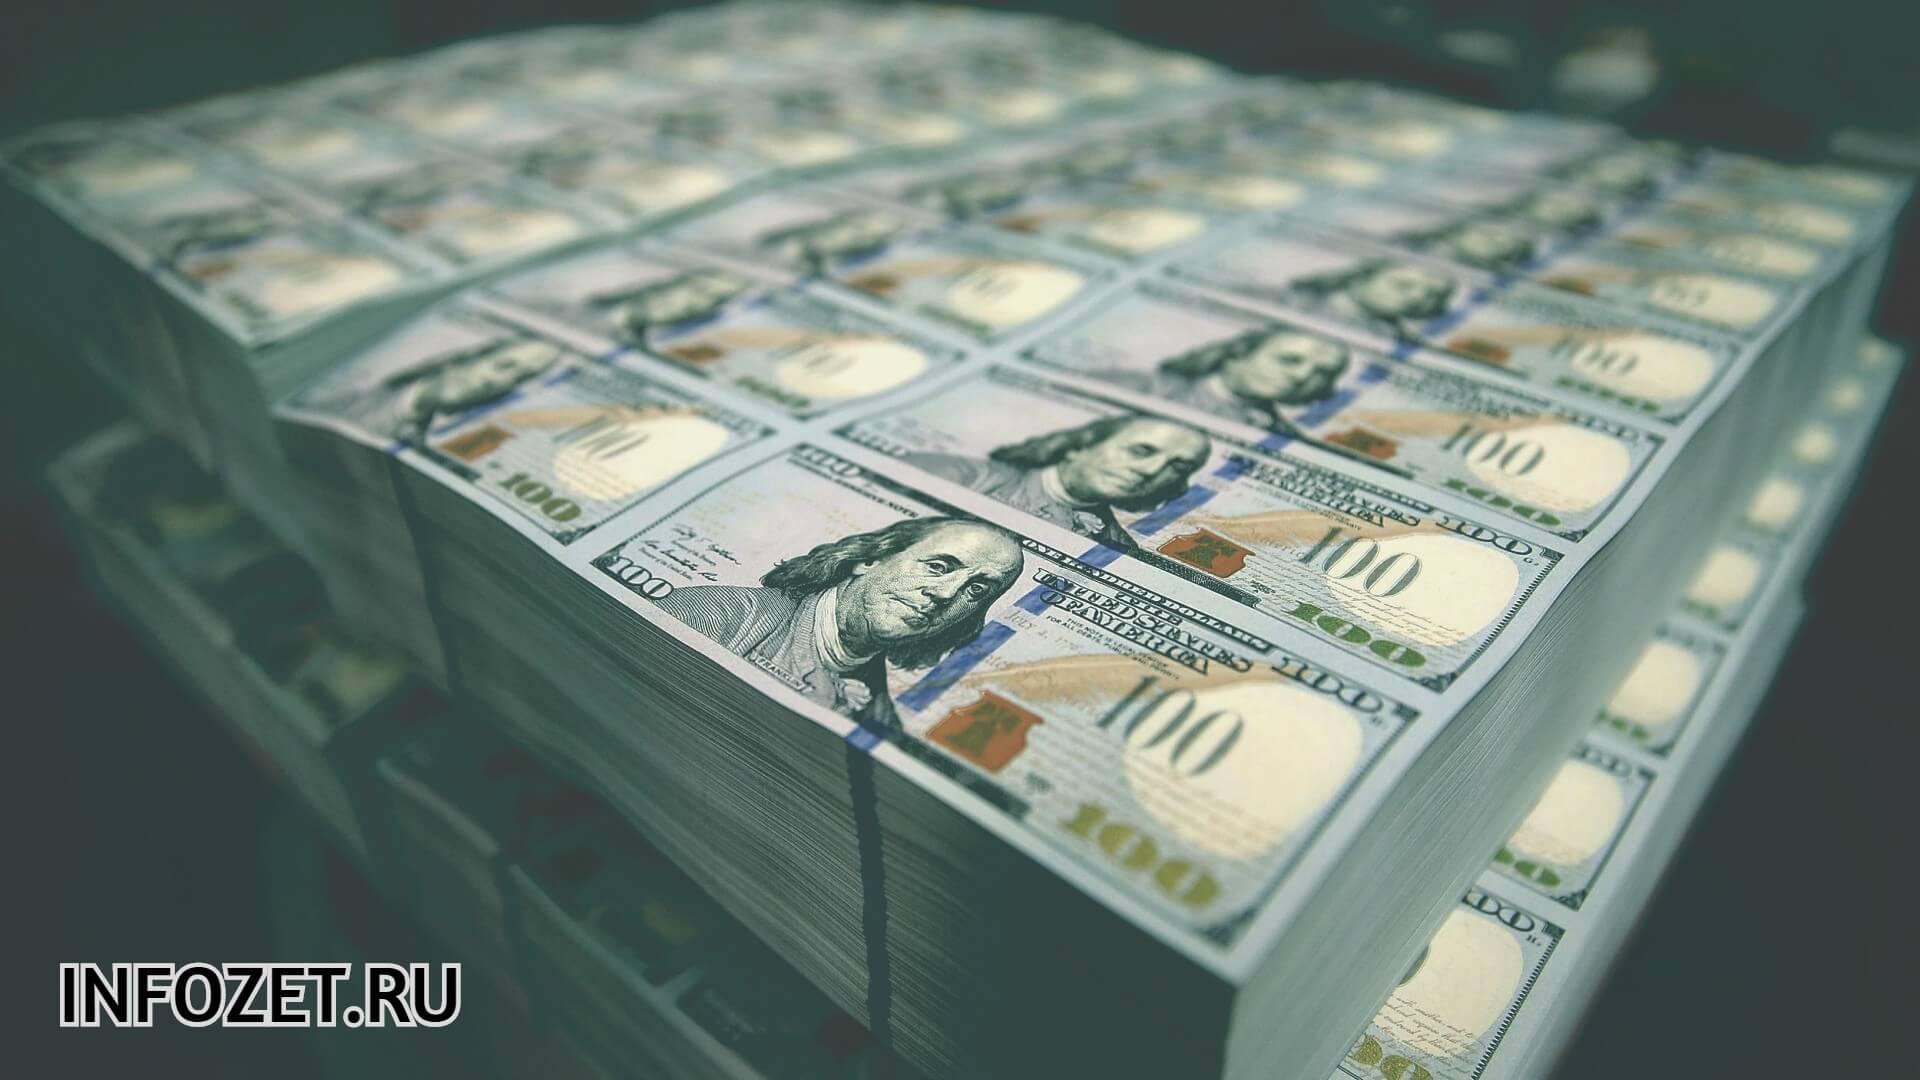 infozet.ru-investicii-depozit